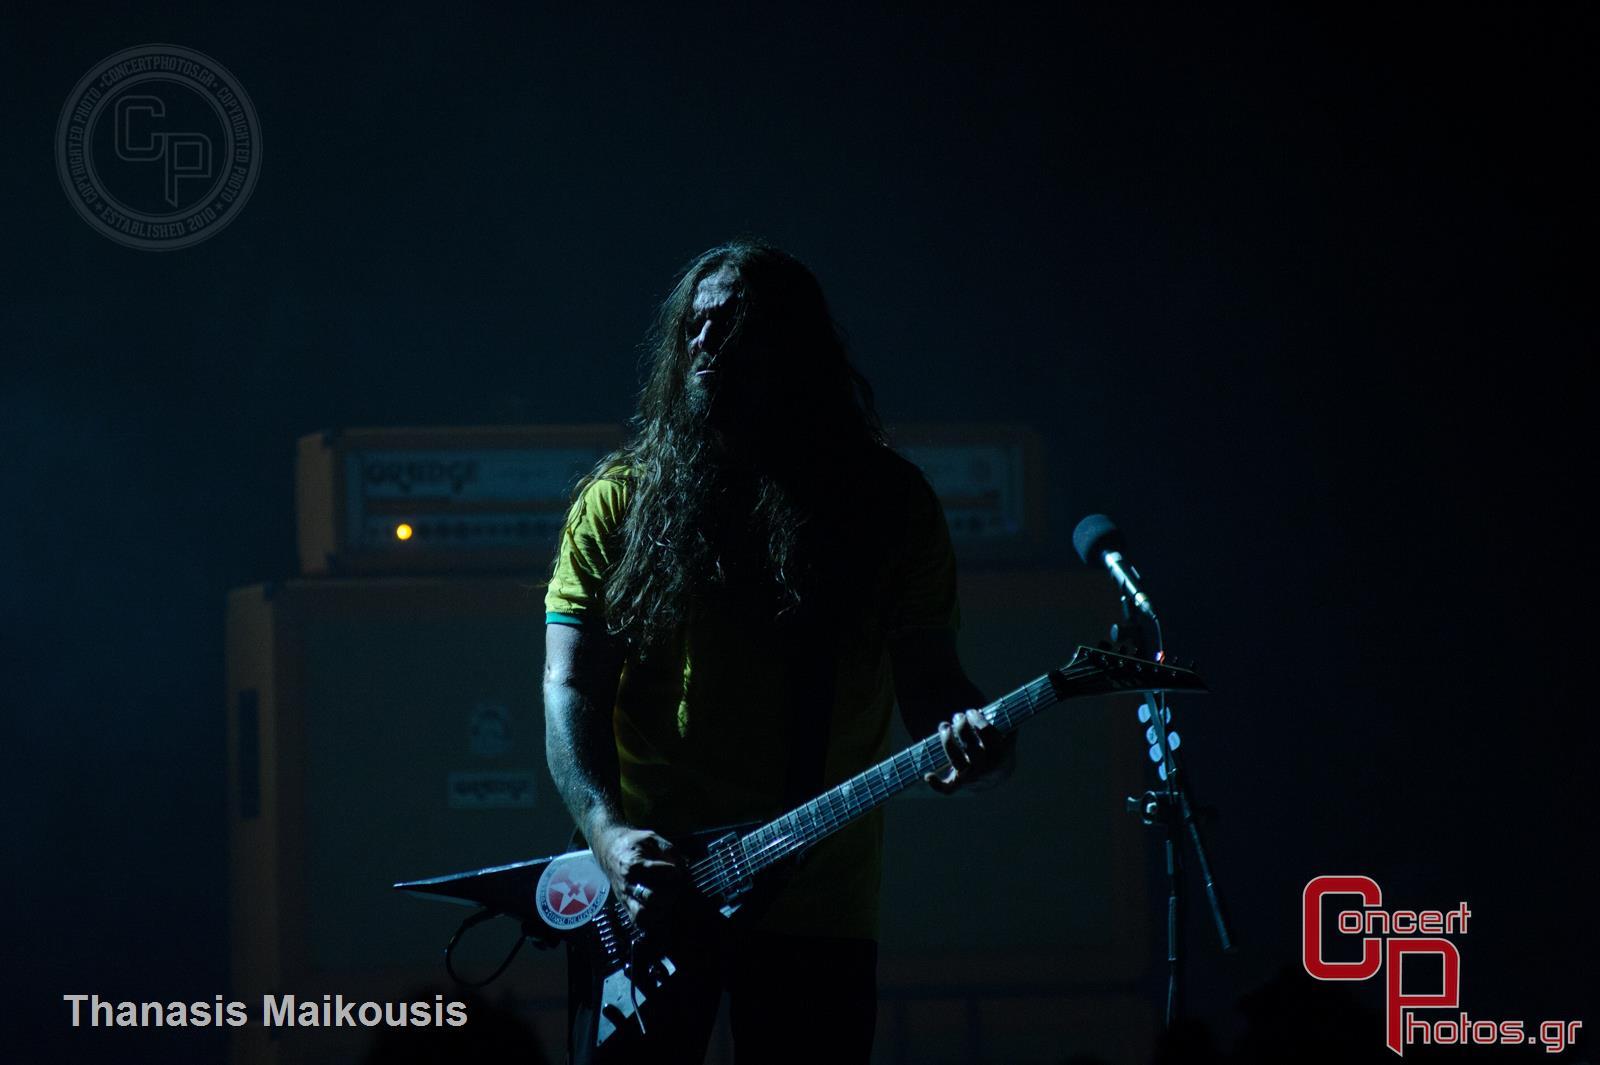 Sepultura-Sepultira photographer: Thanasis Maikousis - concertphotos_20140703_22_45_39